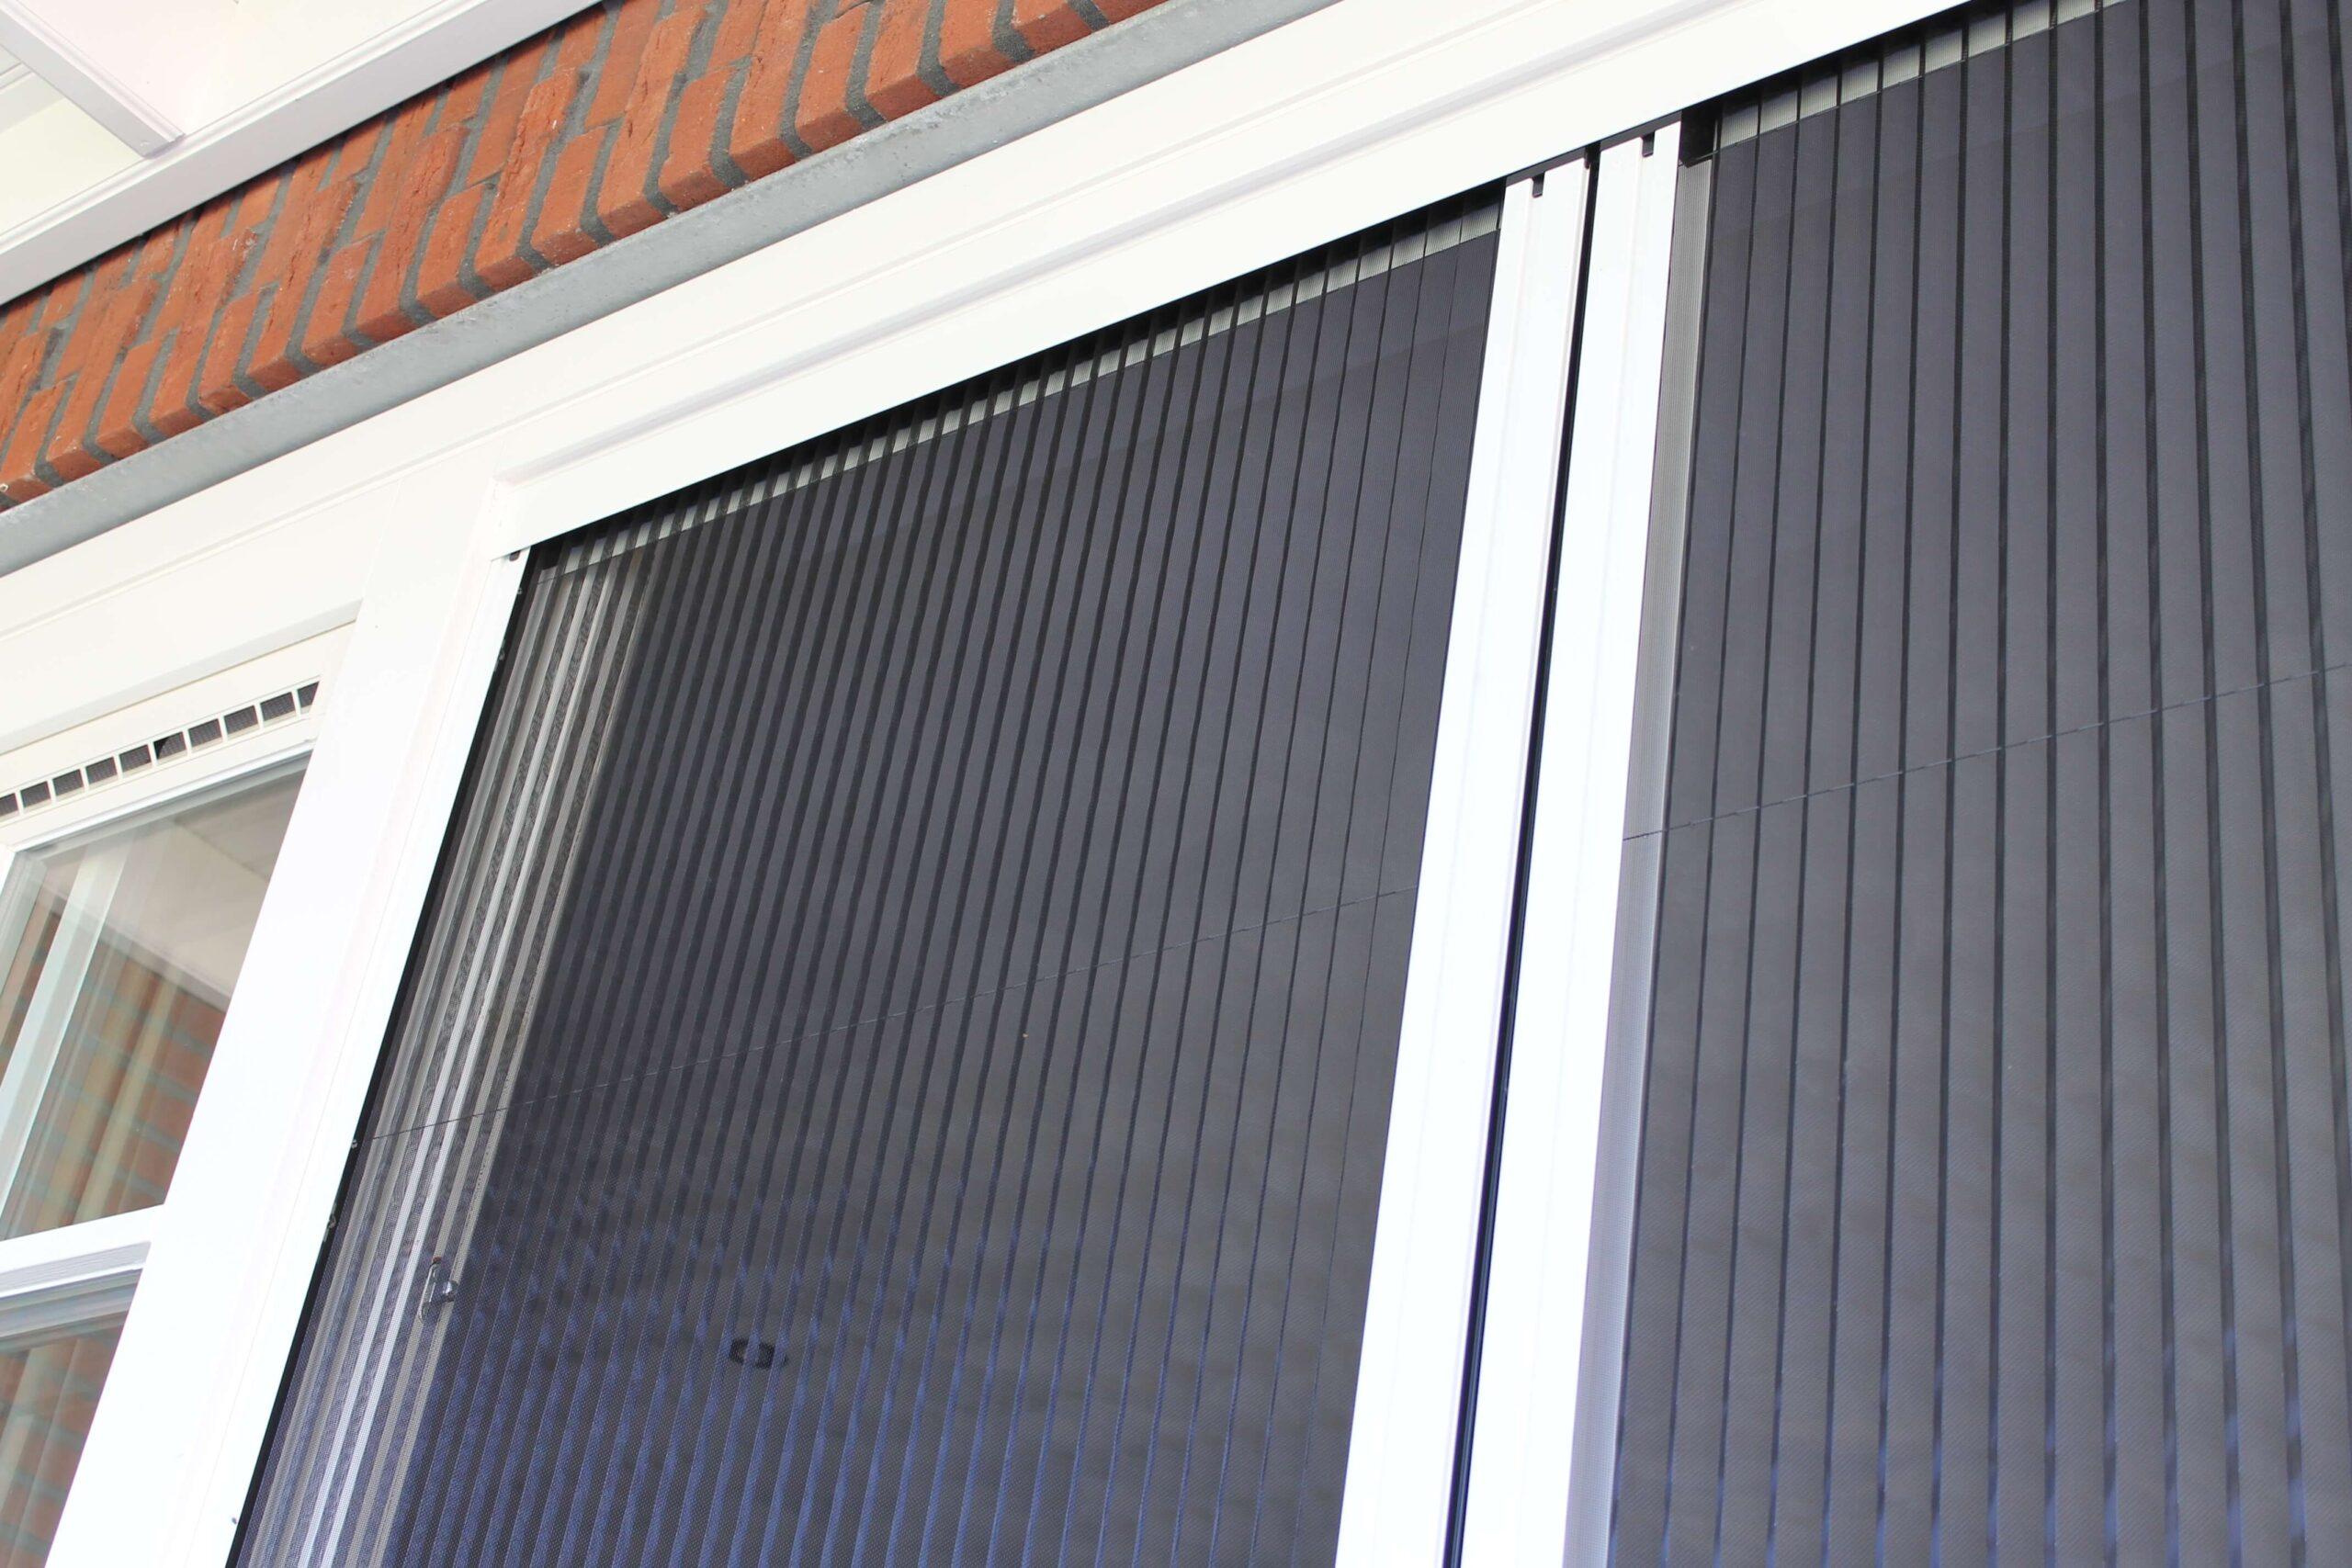 plissehordeuren op maat bij Van Ewijk Zonwering in Lelystad Dronten Swifterbant en Almere 0G scaled